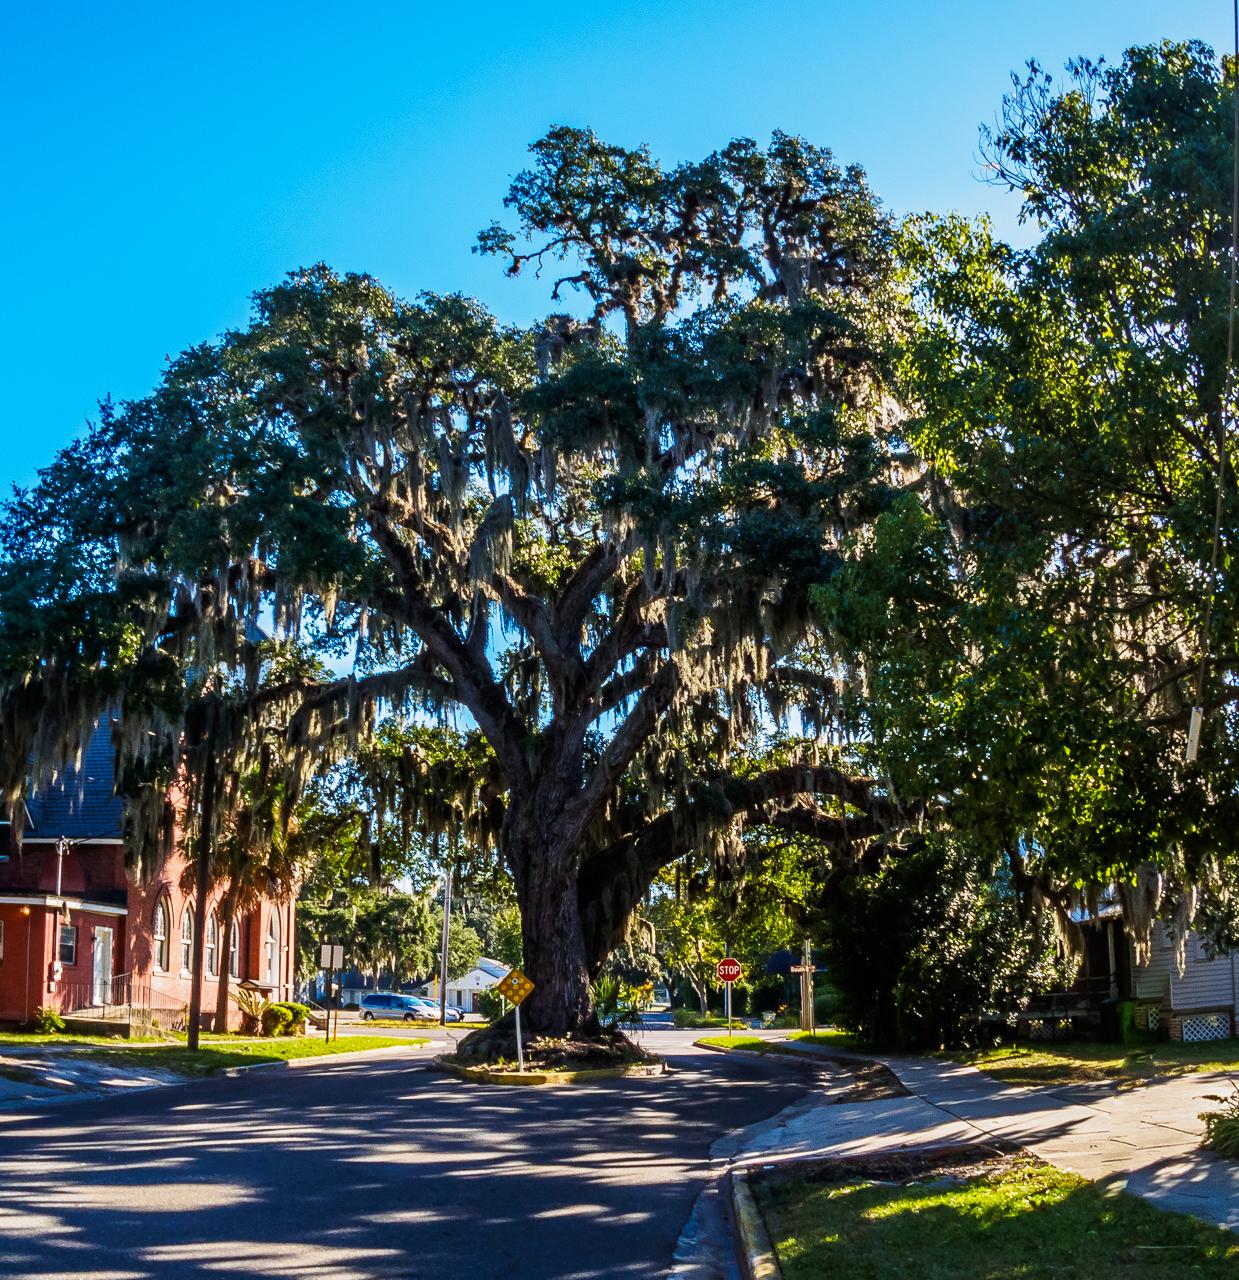 Kates Tree